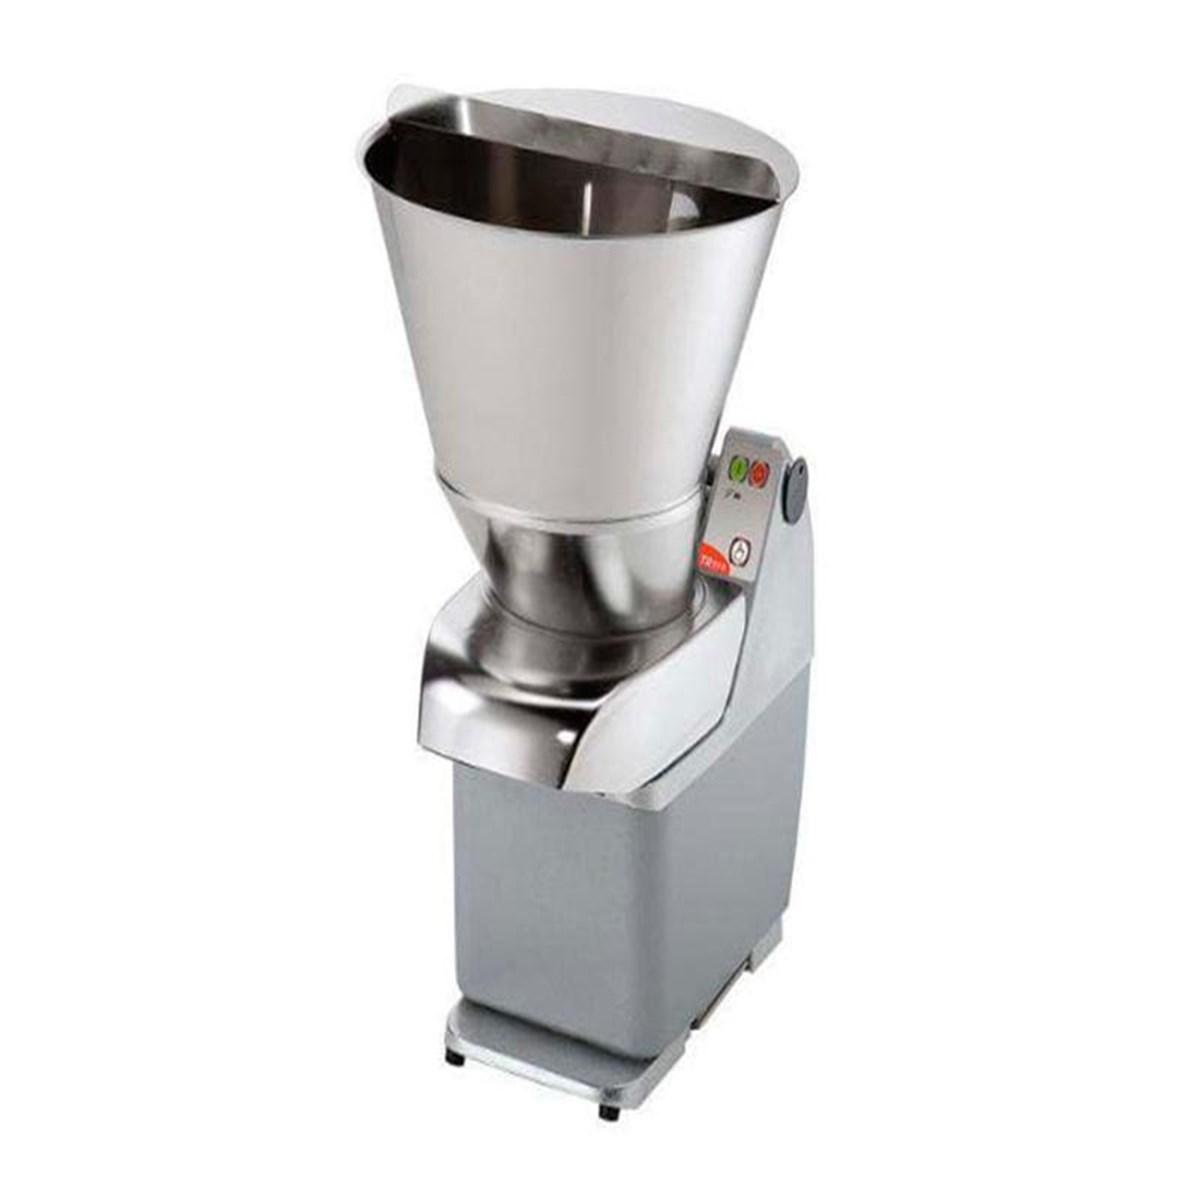 Dito Sama 600111 TR210 DTR210VV Ayaklı Sebze Kesme Makinesi Hız Varyatörlü 2100kg/s